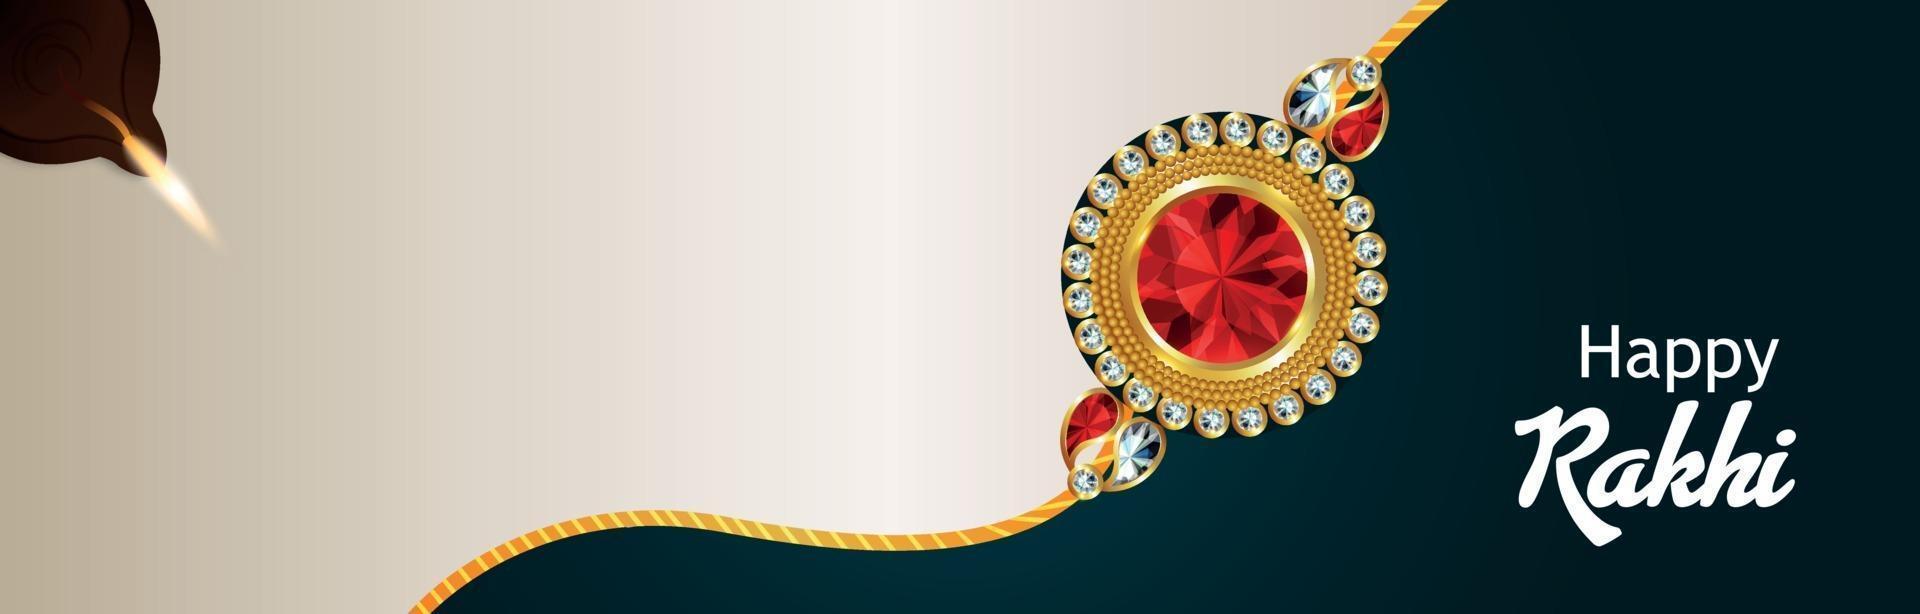 célébration du festival indien sur cristal rakhi et fond vecteur